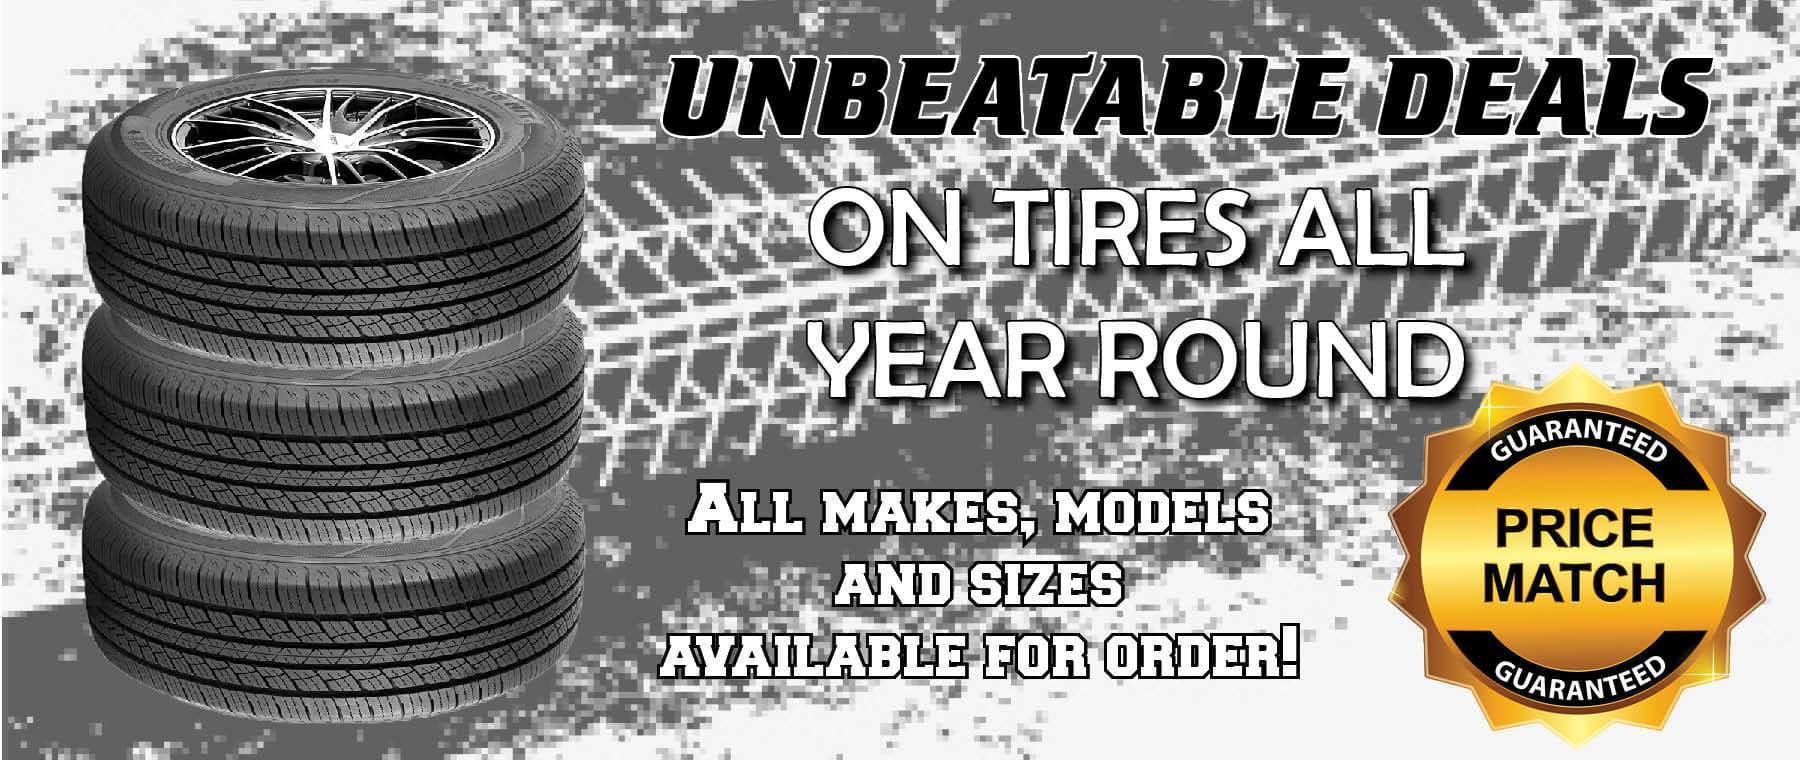 Tire Deal Web banner